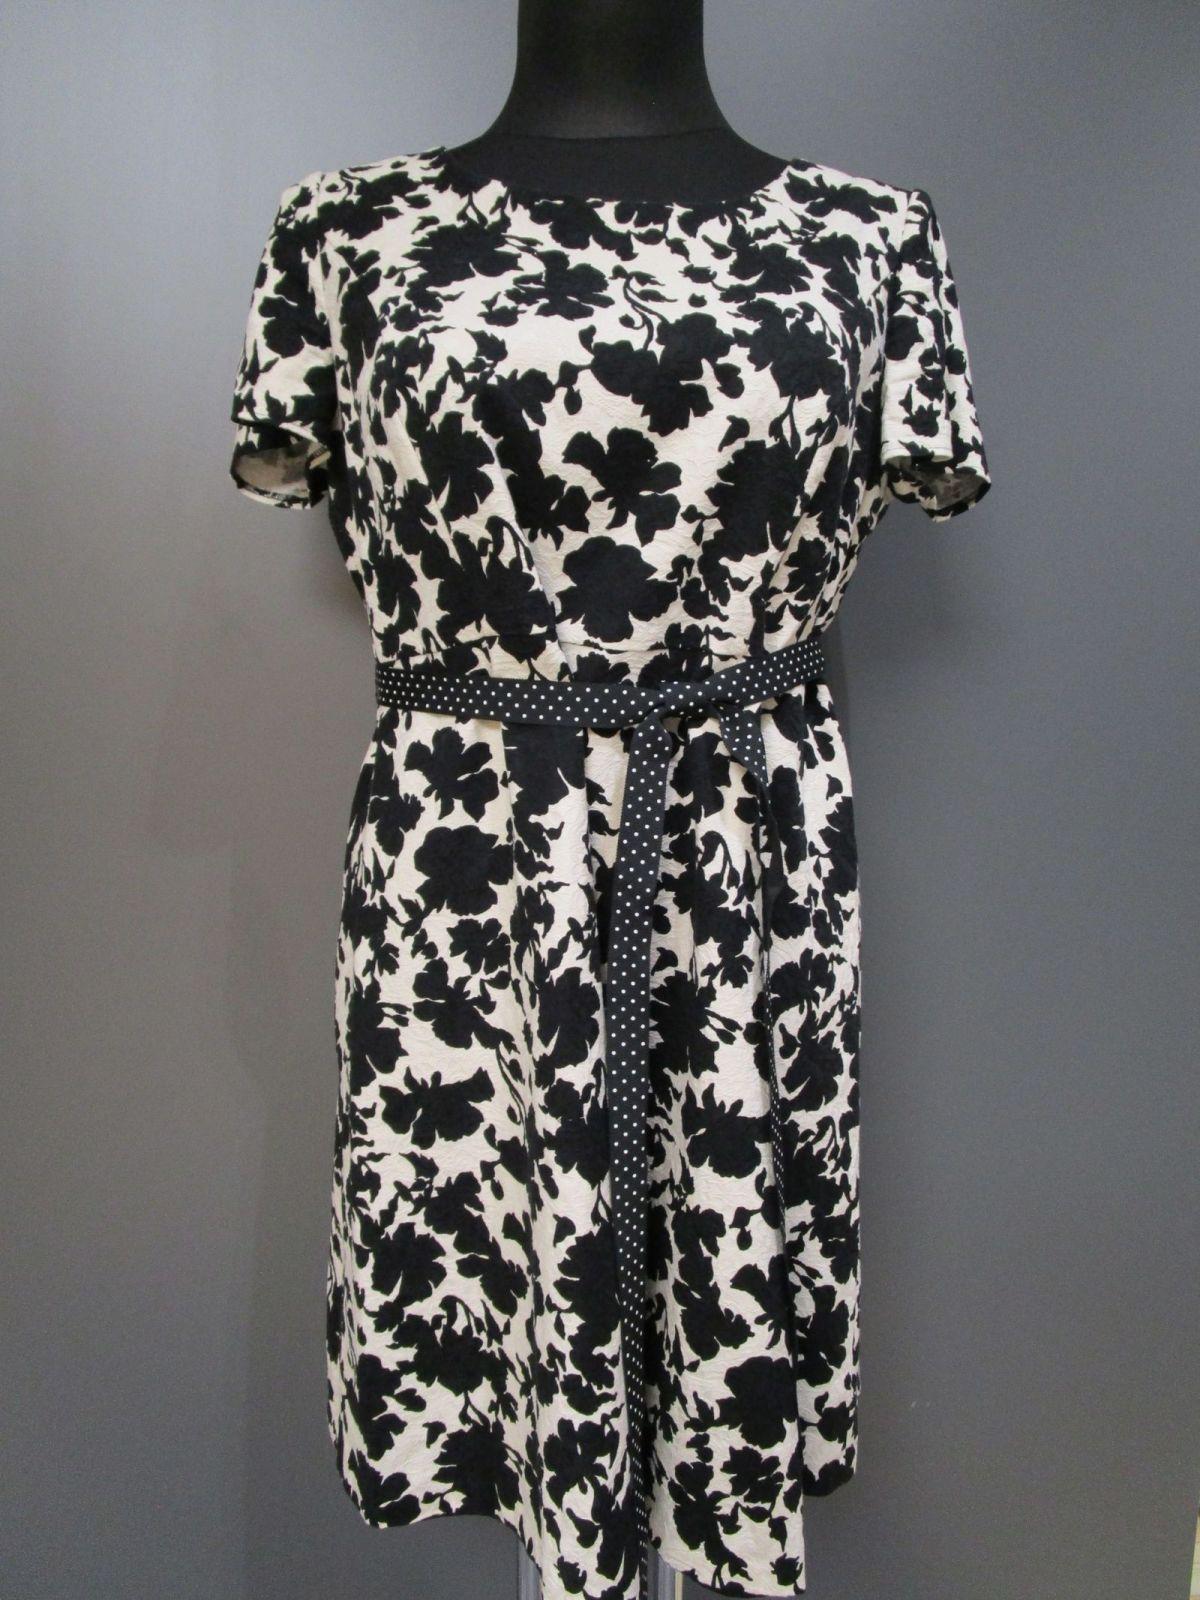 taifun kleid schwarz-weiß blumen gr.42 (d35-1)   ebay